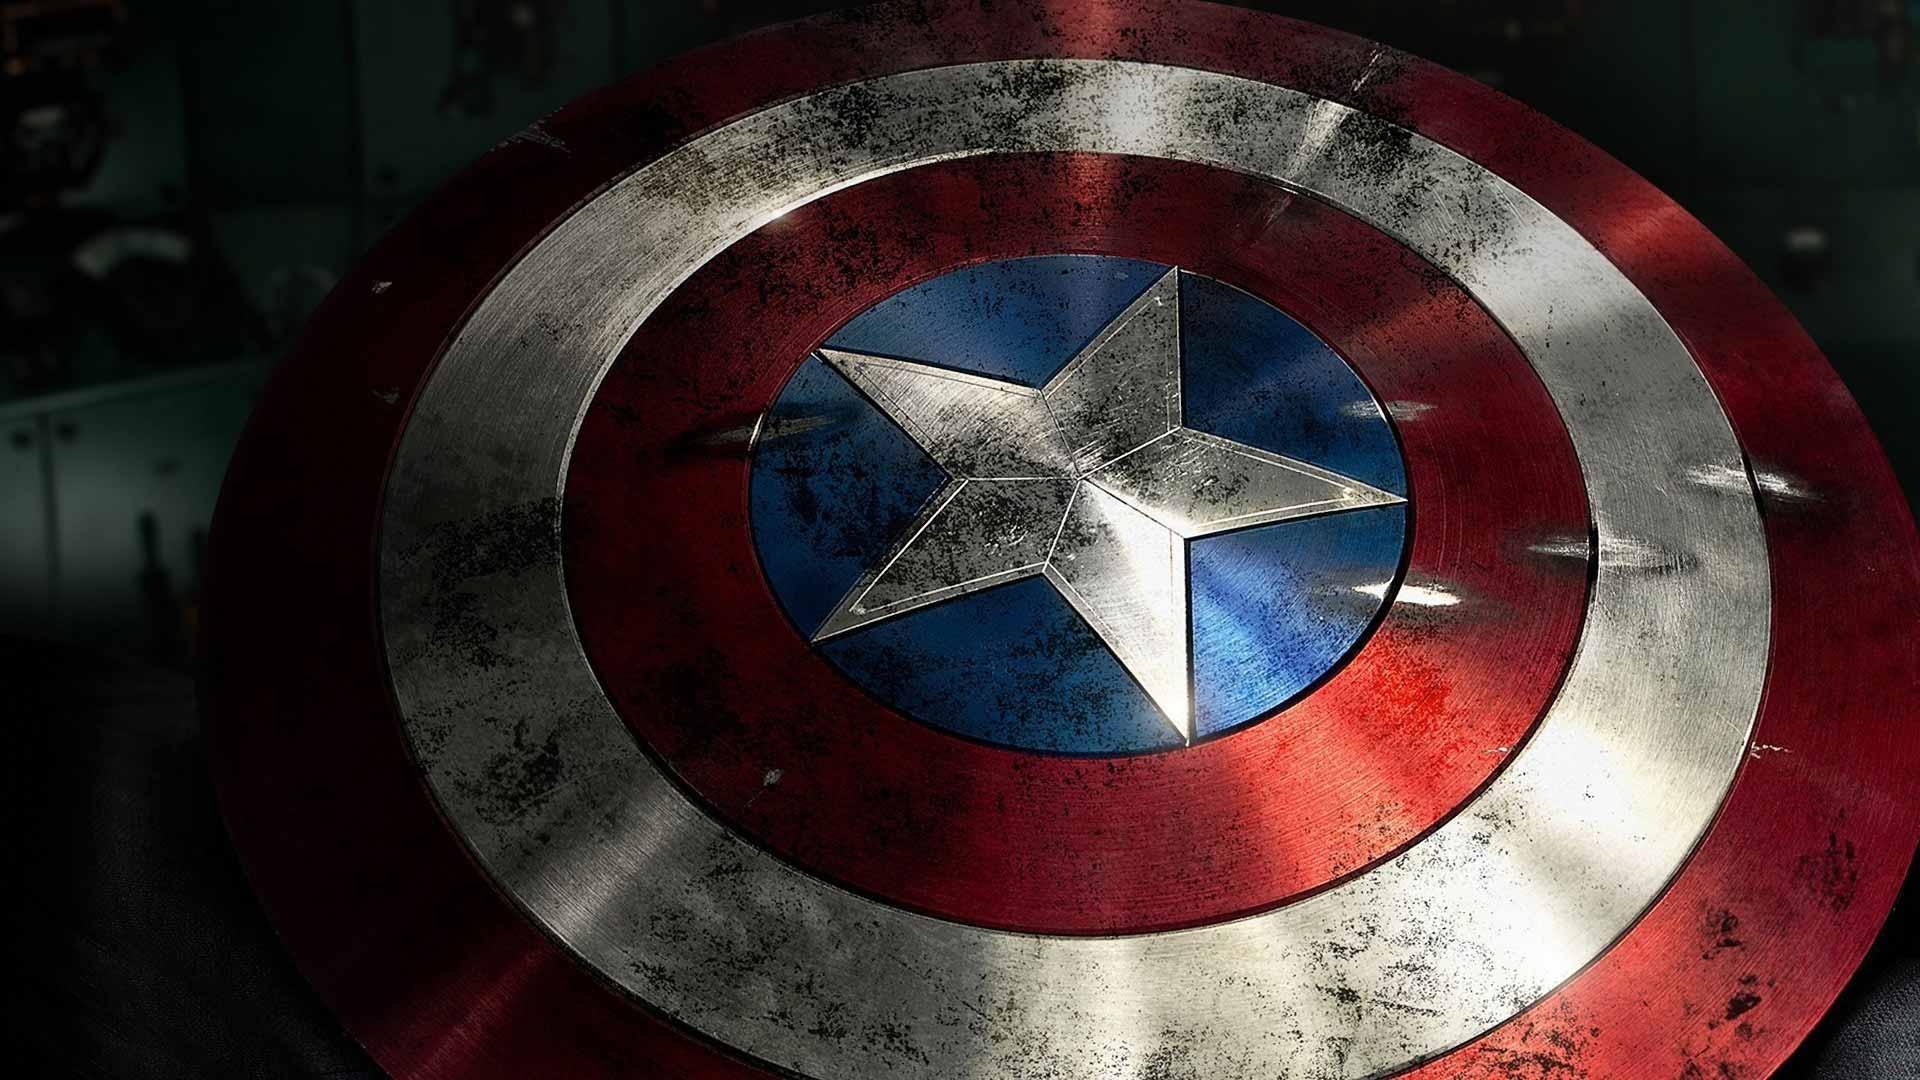 Captain America Shield Wallpaper HD